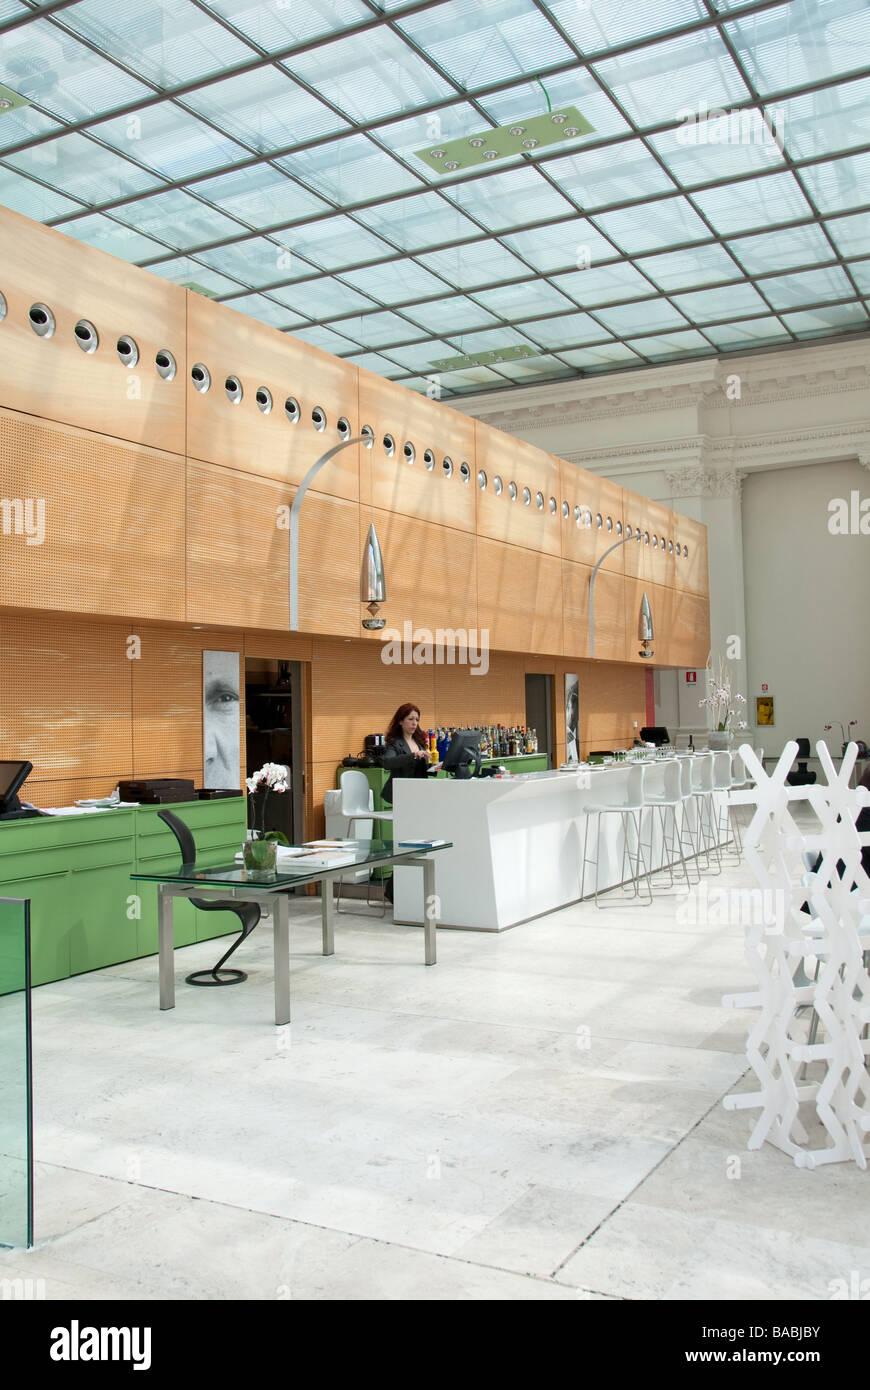 Palazzo colonna stock photos palazzo colonna stock for Palazzo delle esposizioni rome italy